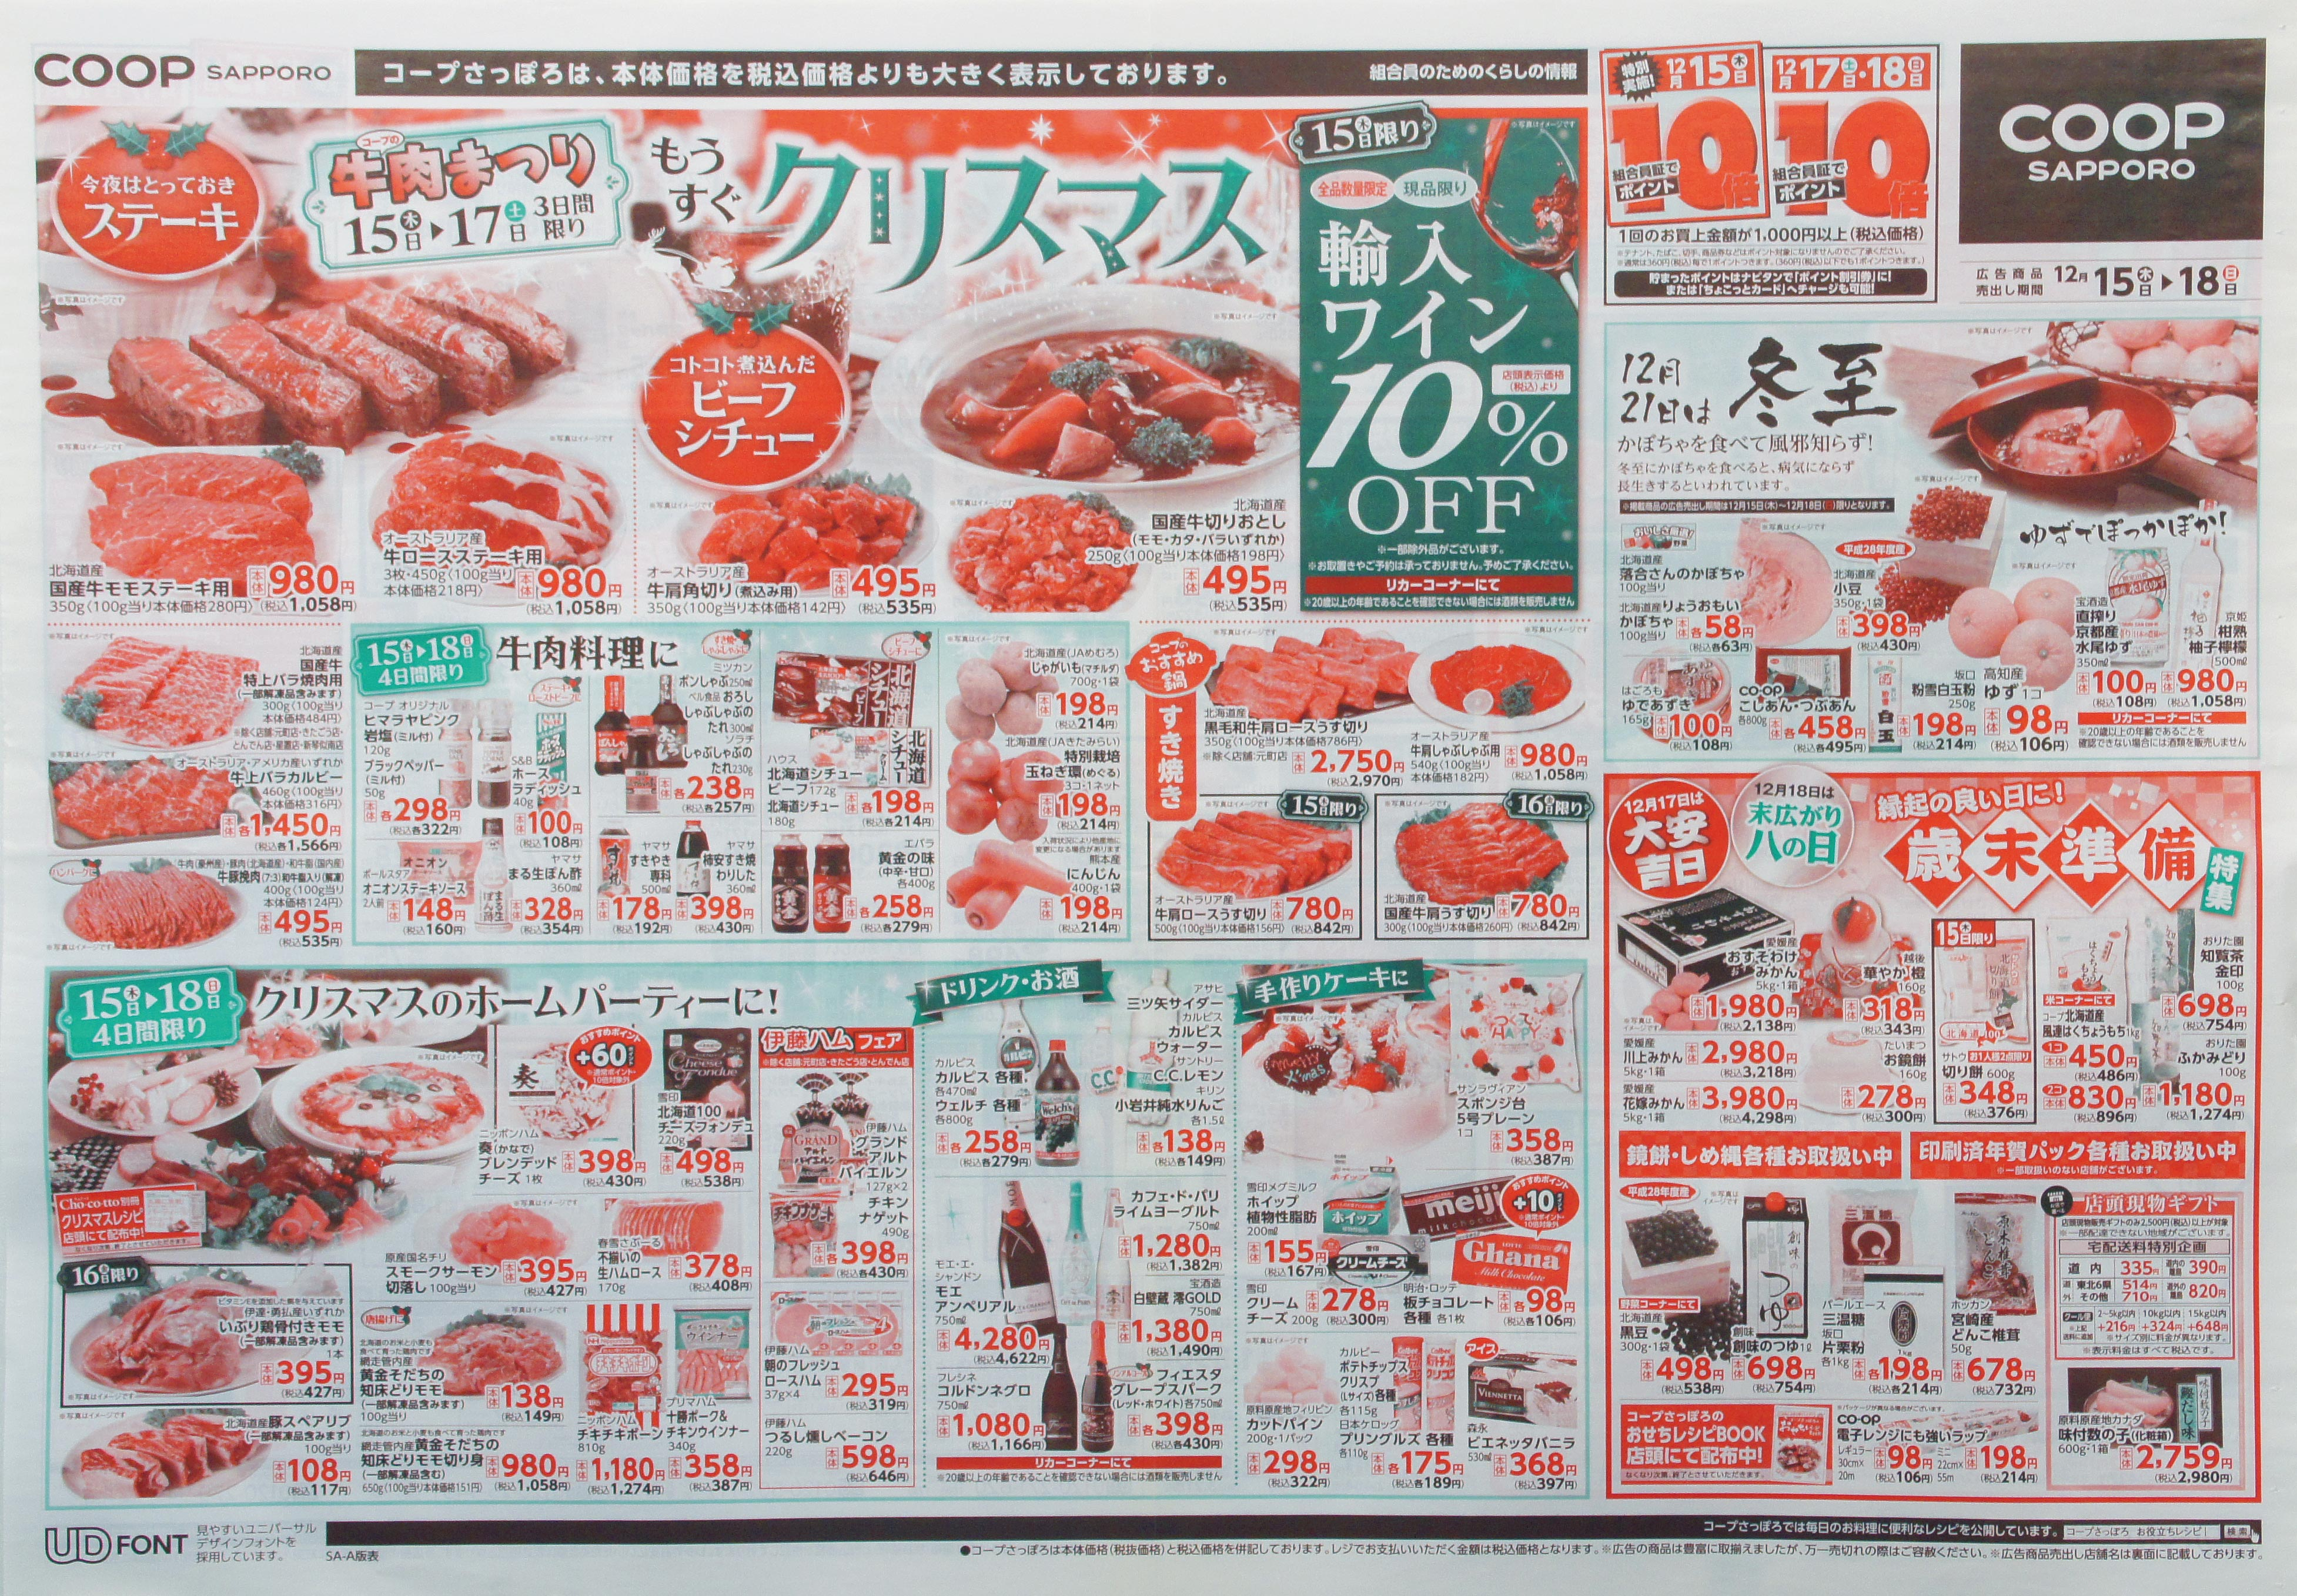 コープさっぽろ チラシ発行日:2016/12/15